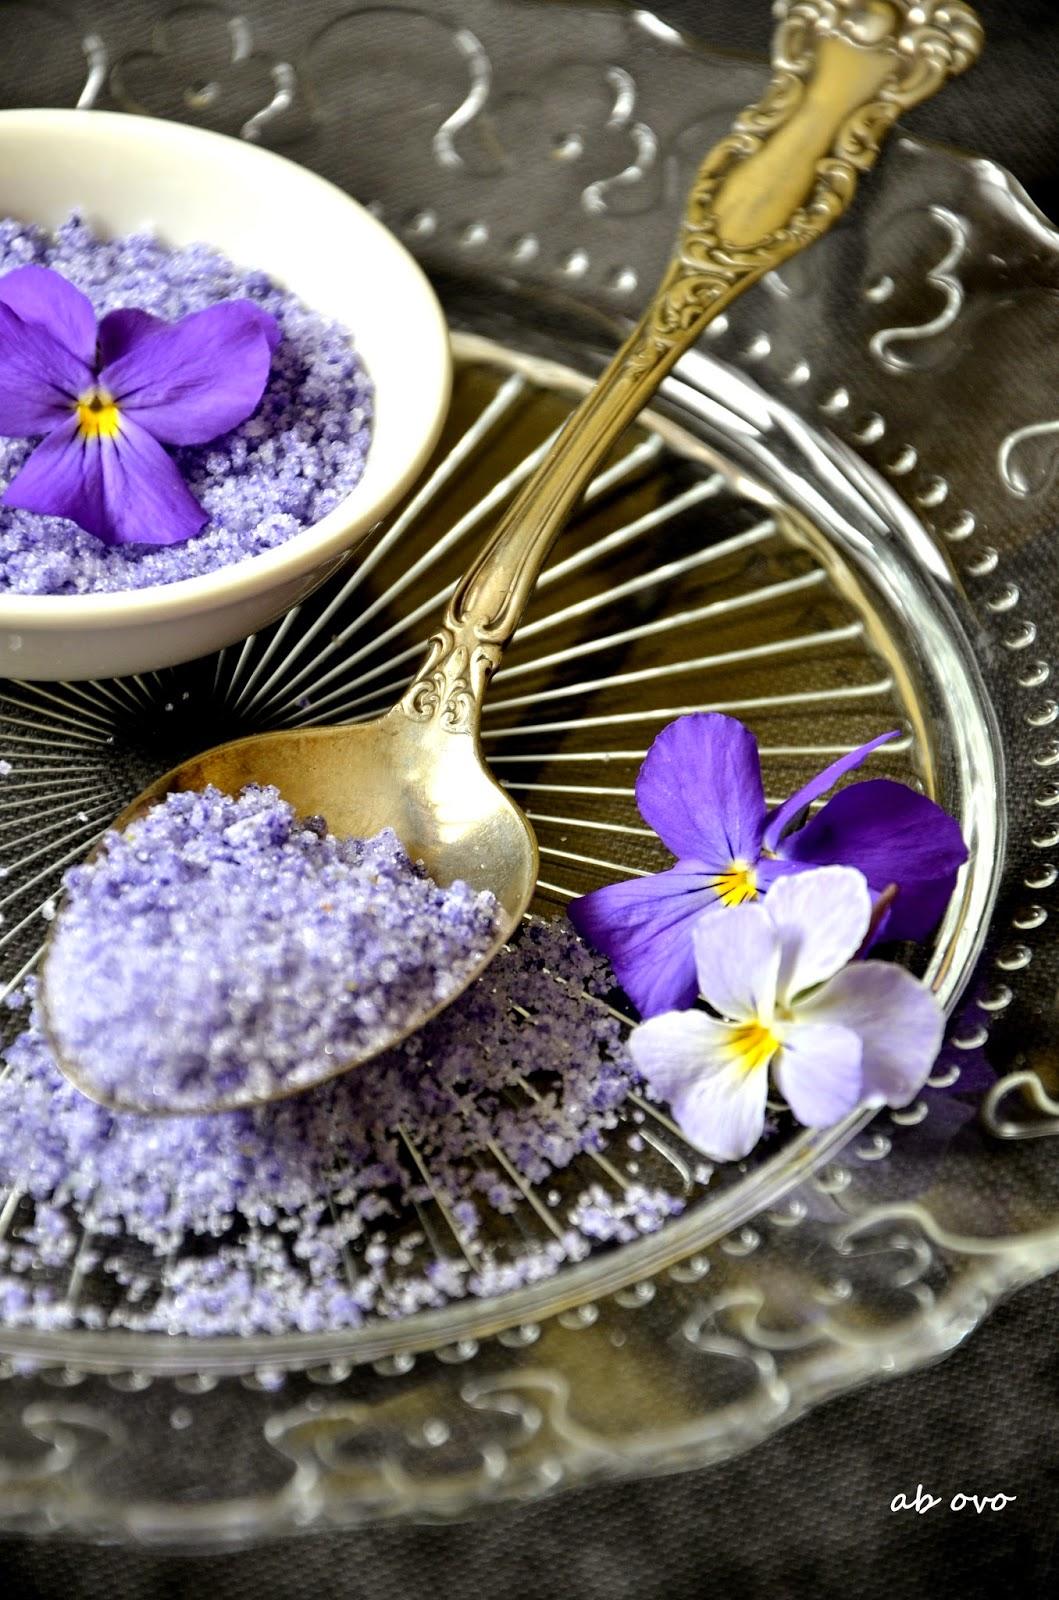 zucchero-alla-violetta